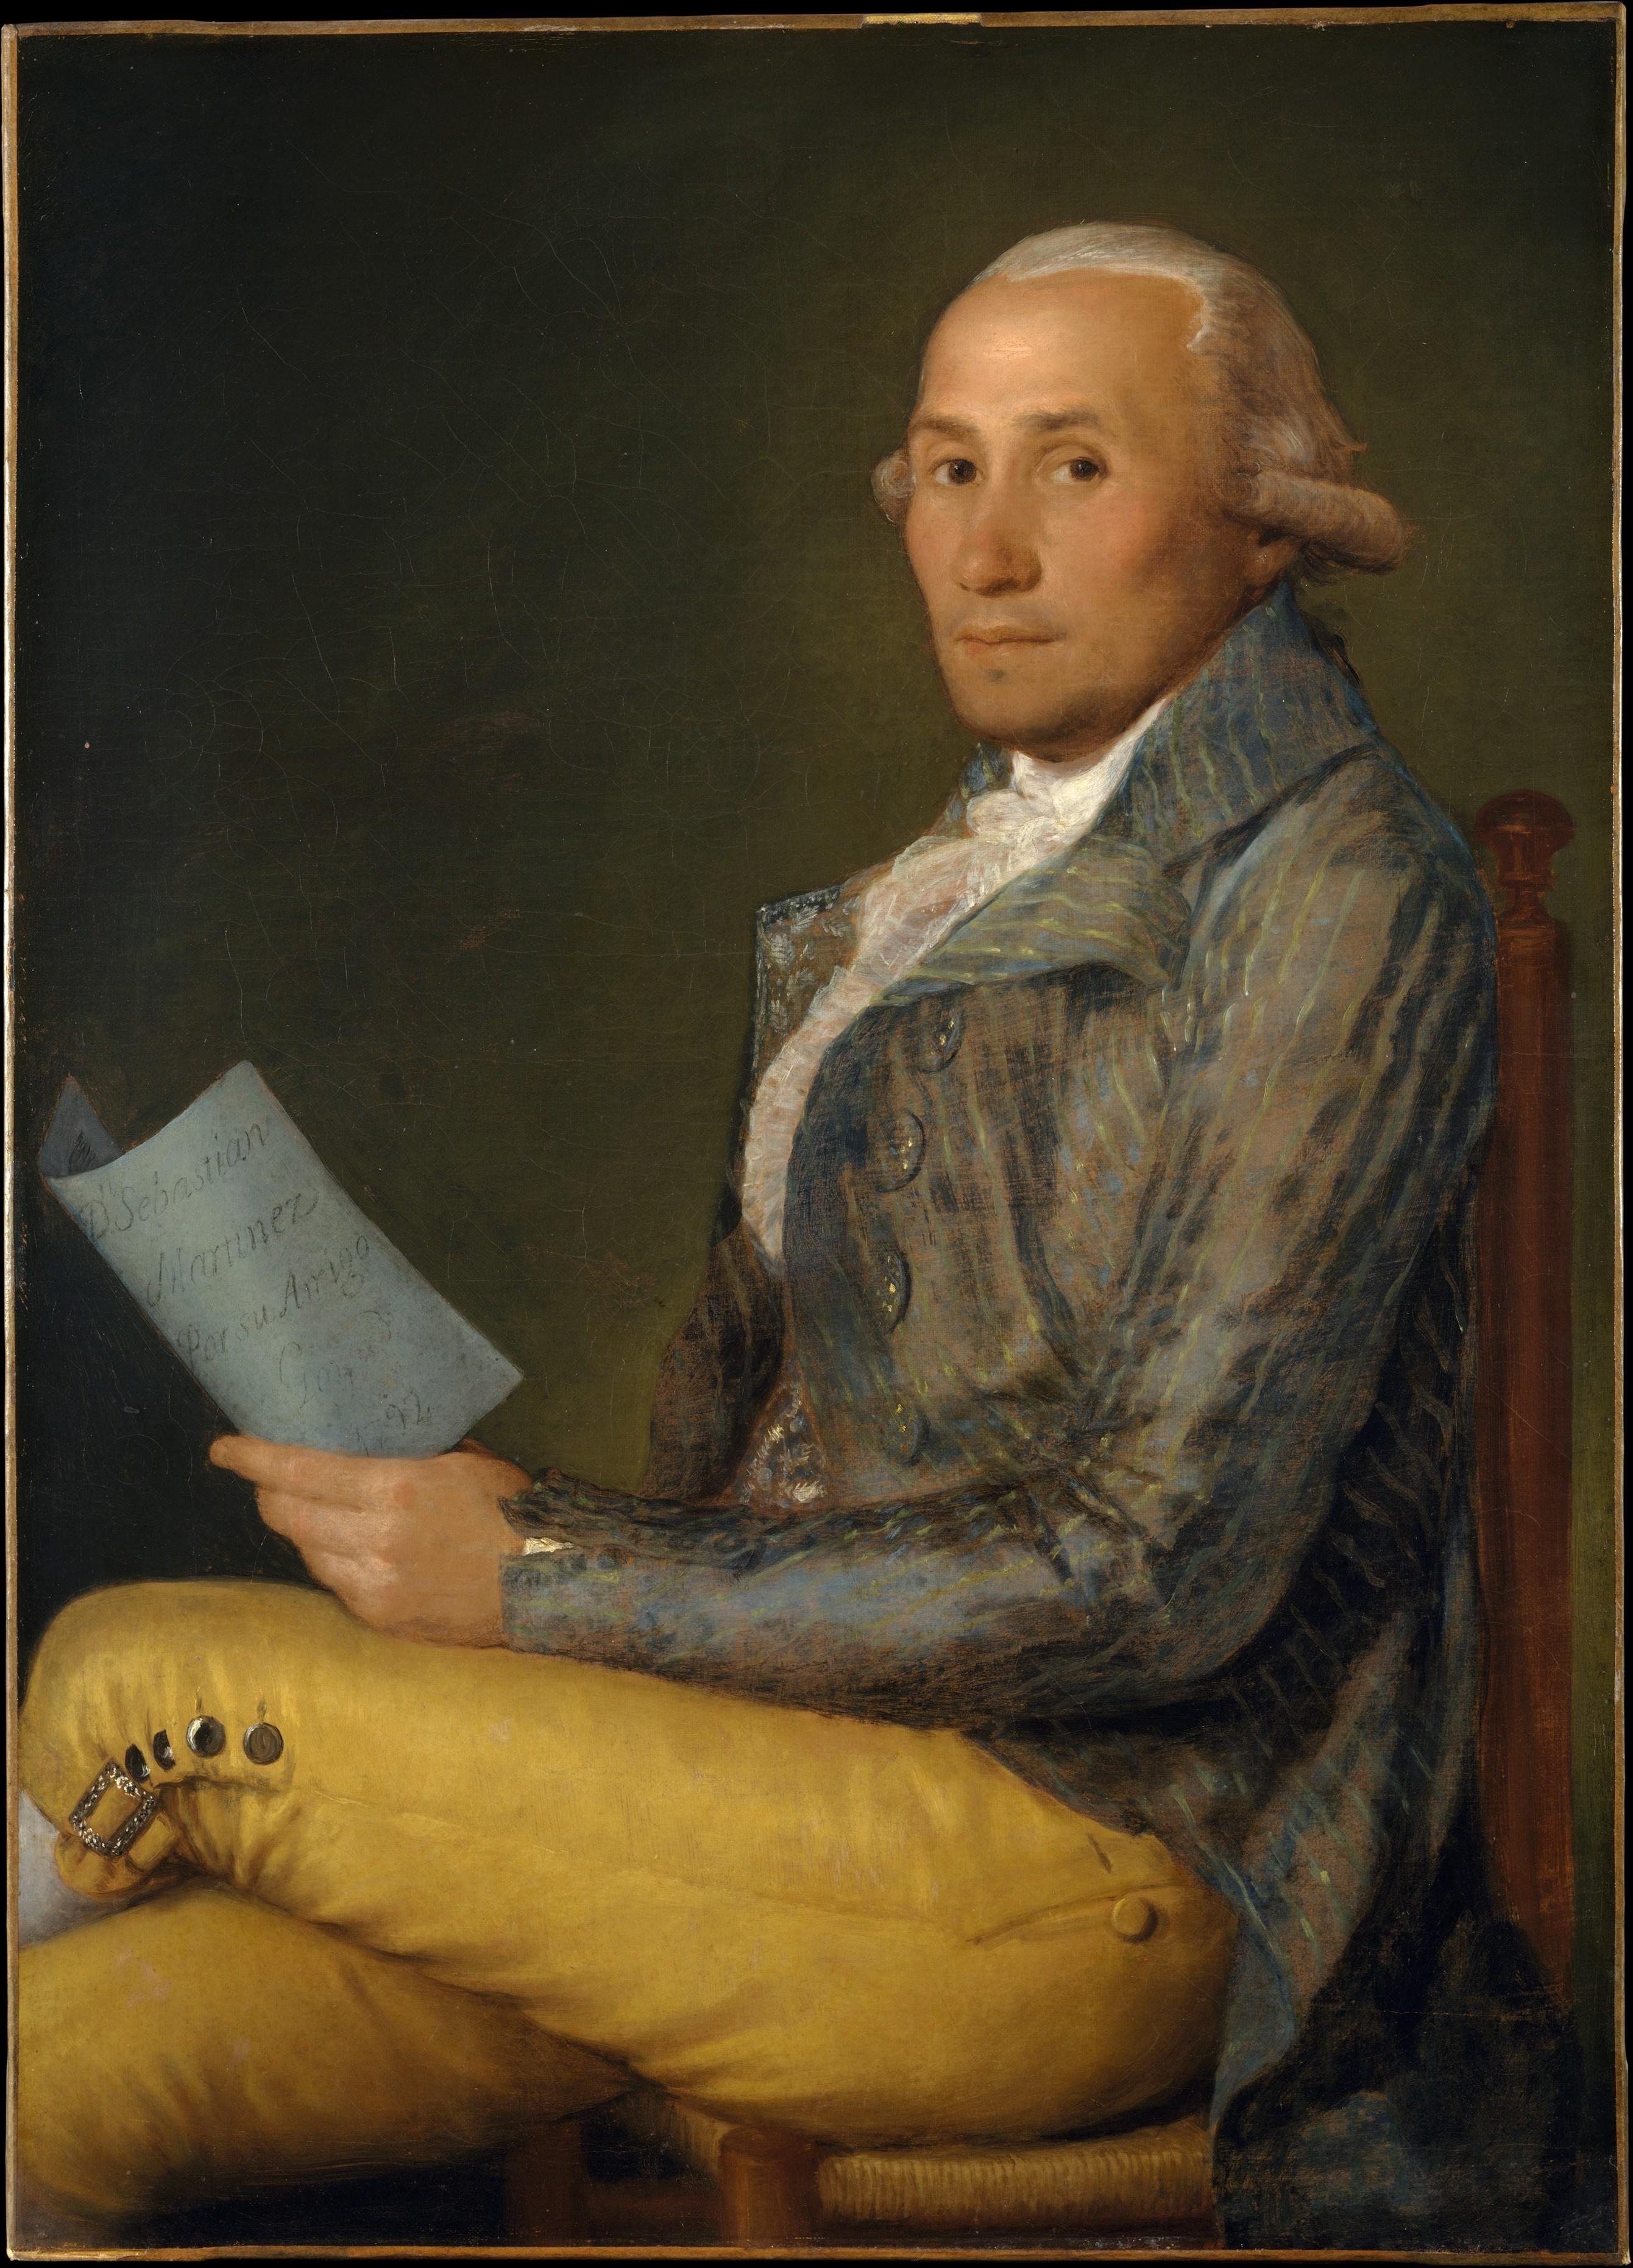 'Sebastián Martínez', retrato de Francisco de Goya del comerciante de Cádiz, conservado en el Metropolitan Museum de Nueva York.